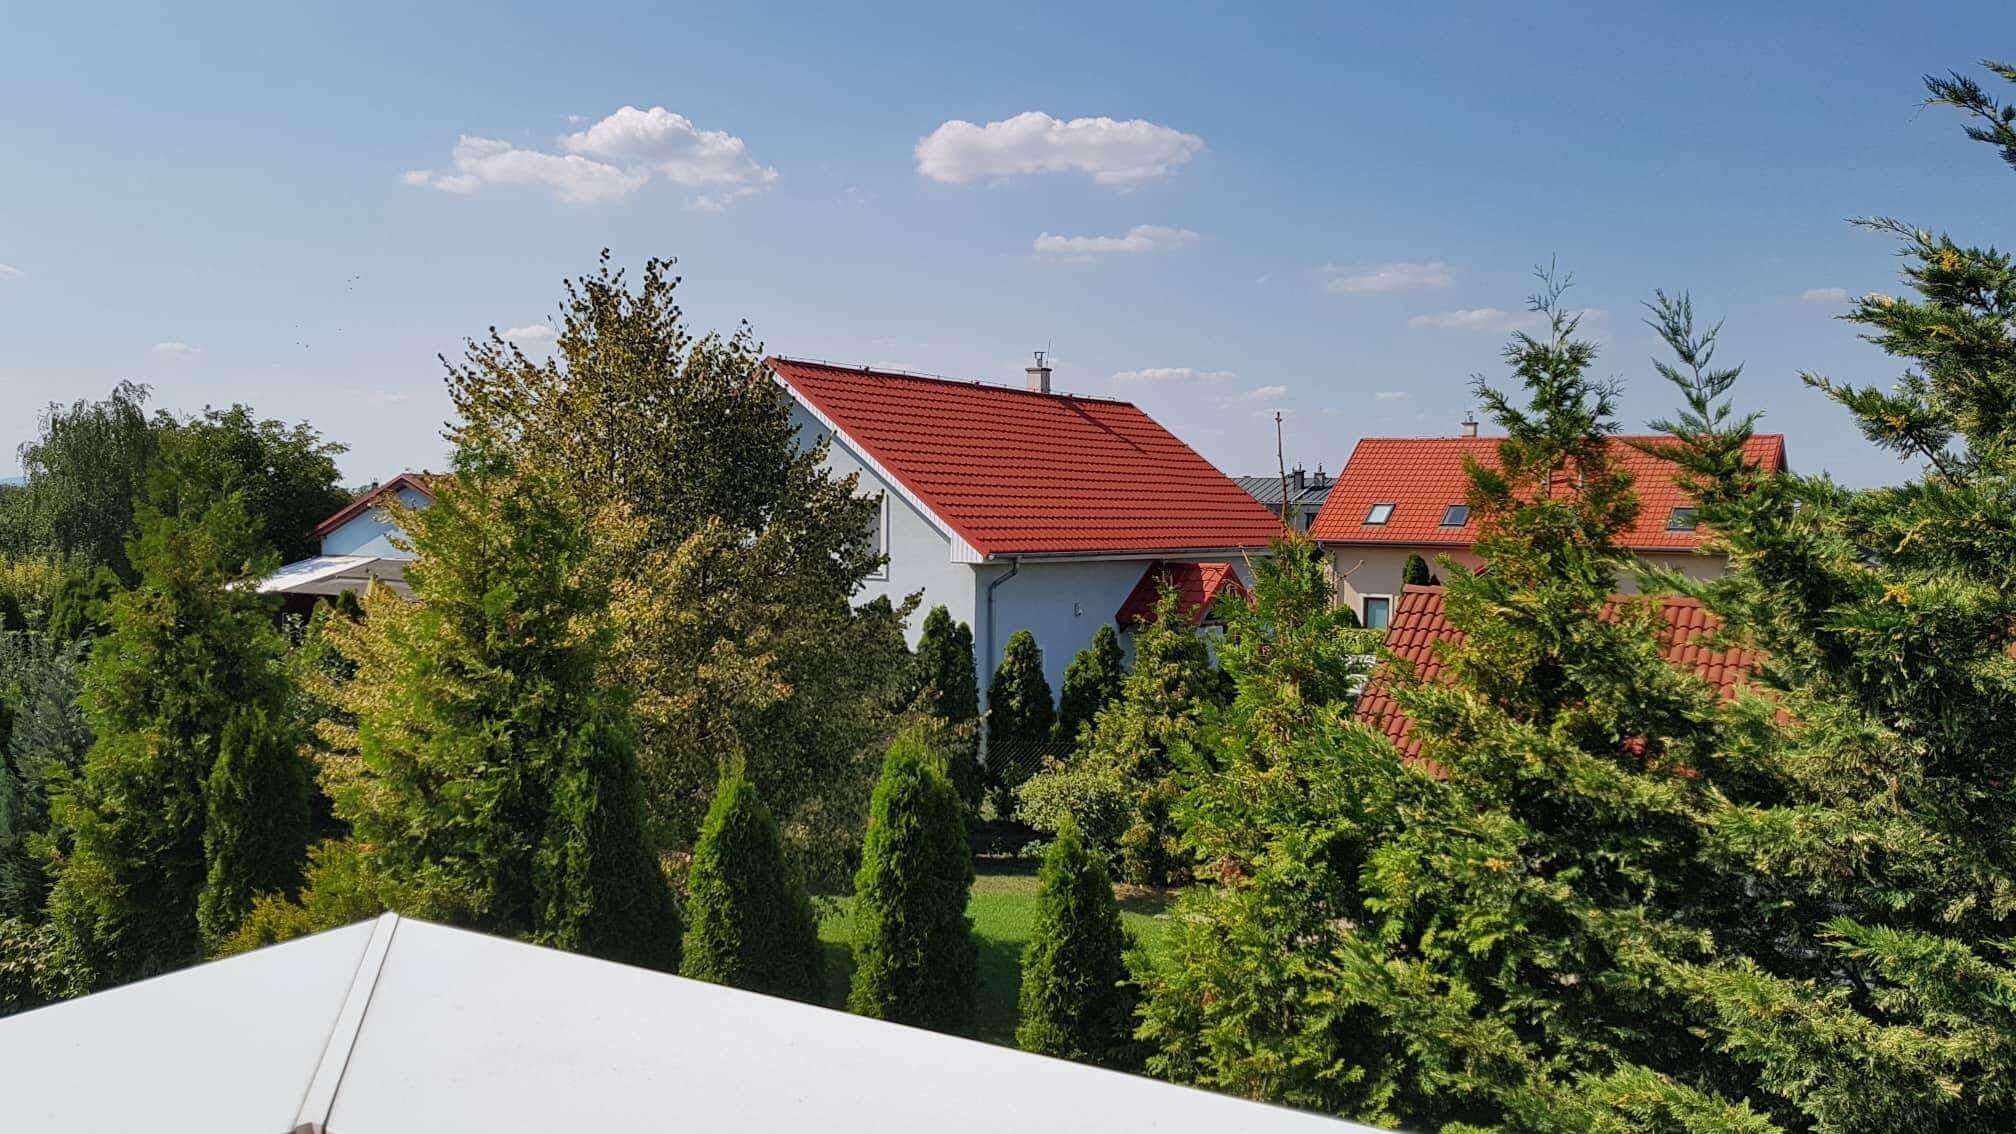 Rodinná Vila exkluzívna, 3 podlažia, úžitková 660m2, pozemok 1073m2, Alžbetin Dvor Miloslavov-27